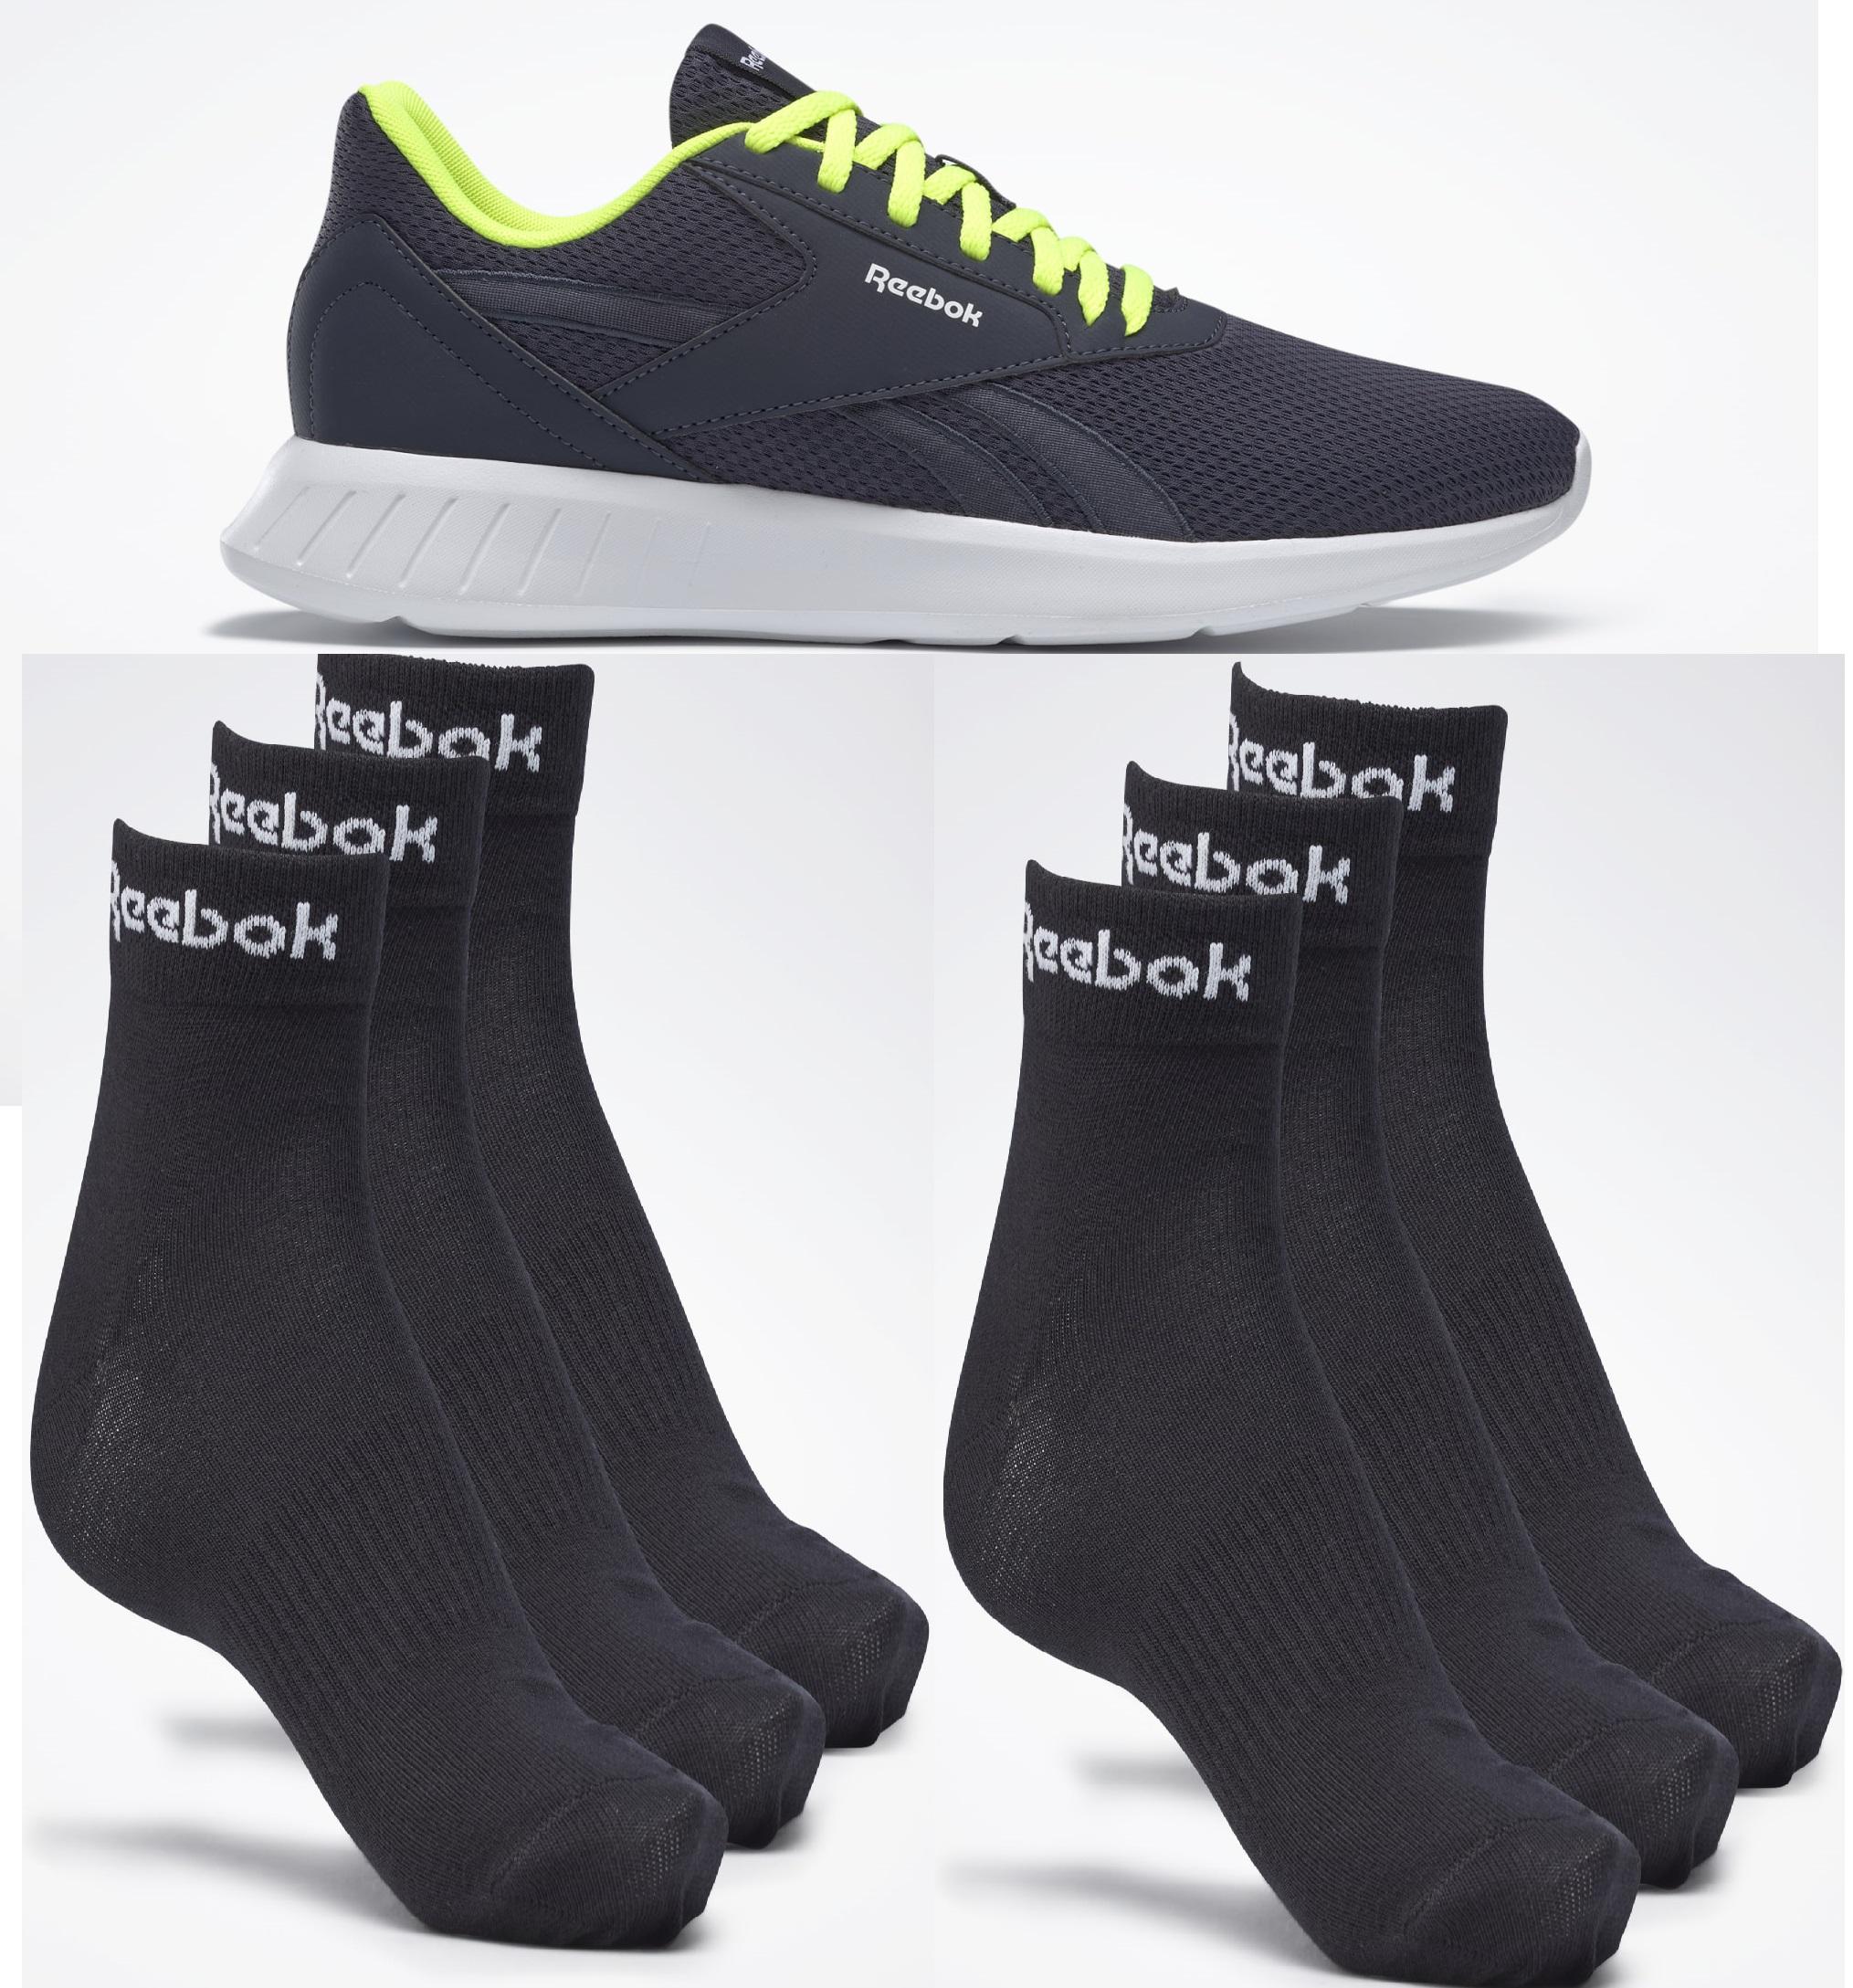 Reebok Lite 2 Herren Laufschuhe zusammen mit 6 Reebok Ankle Socken